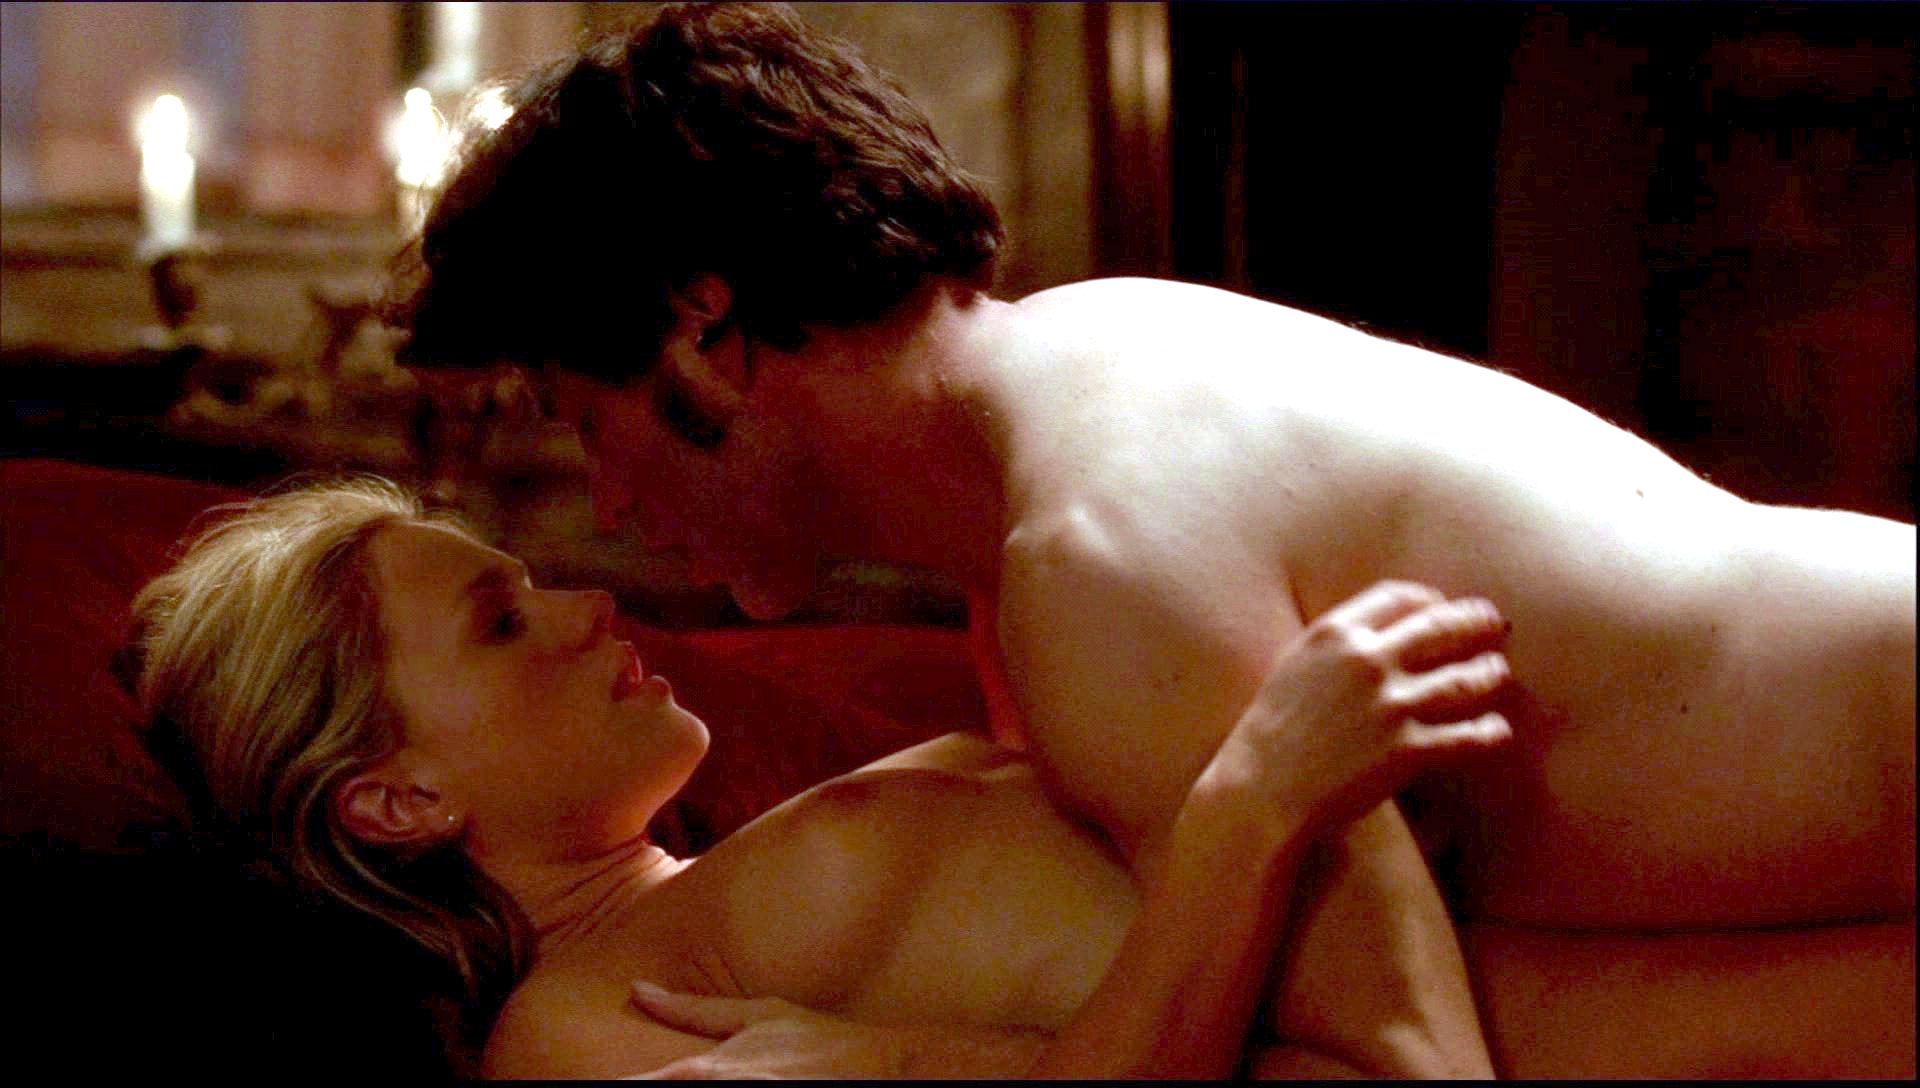 Vampire sex pic